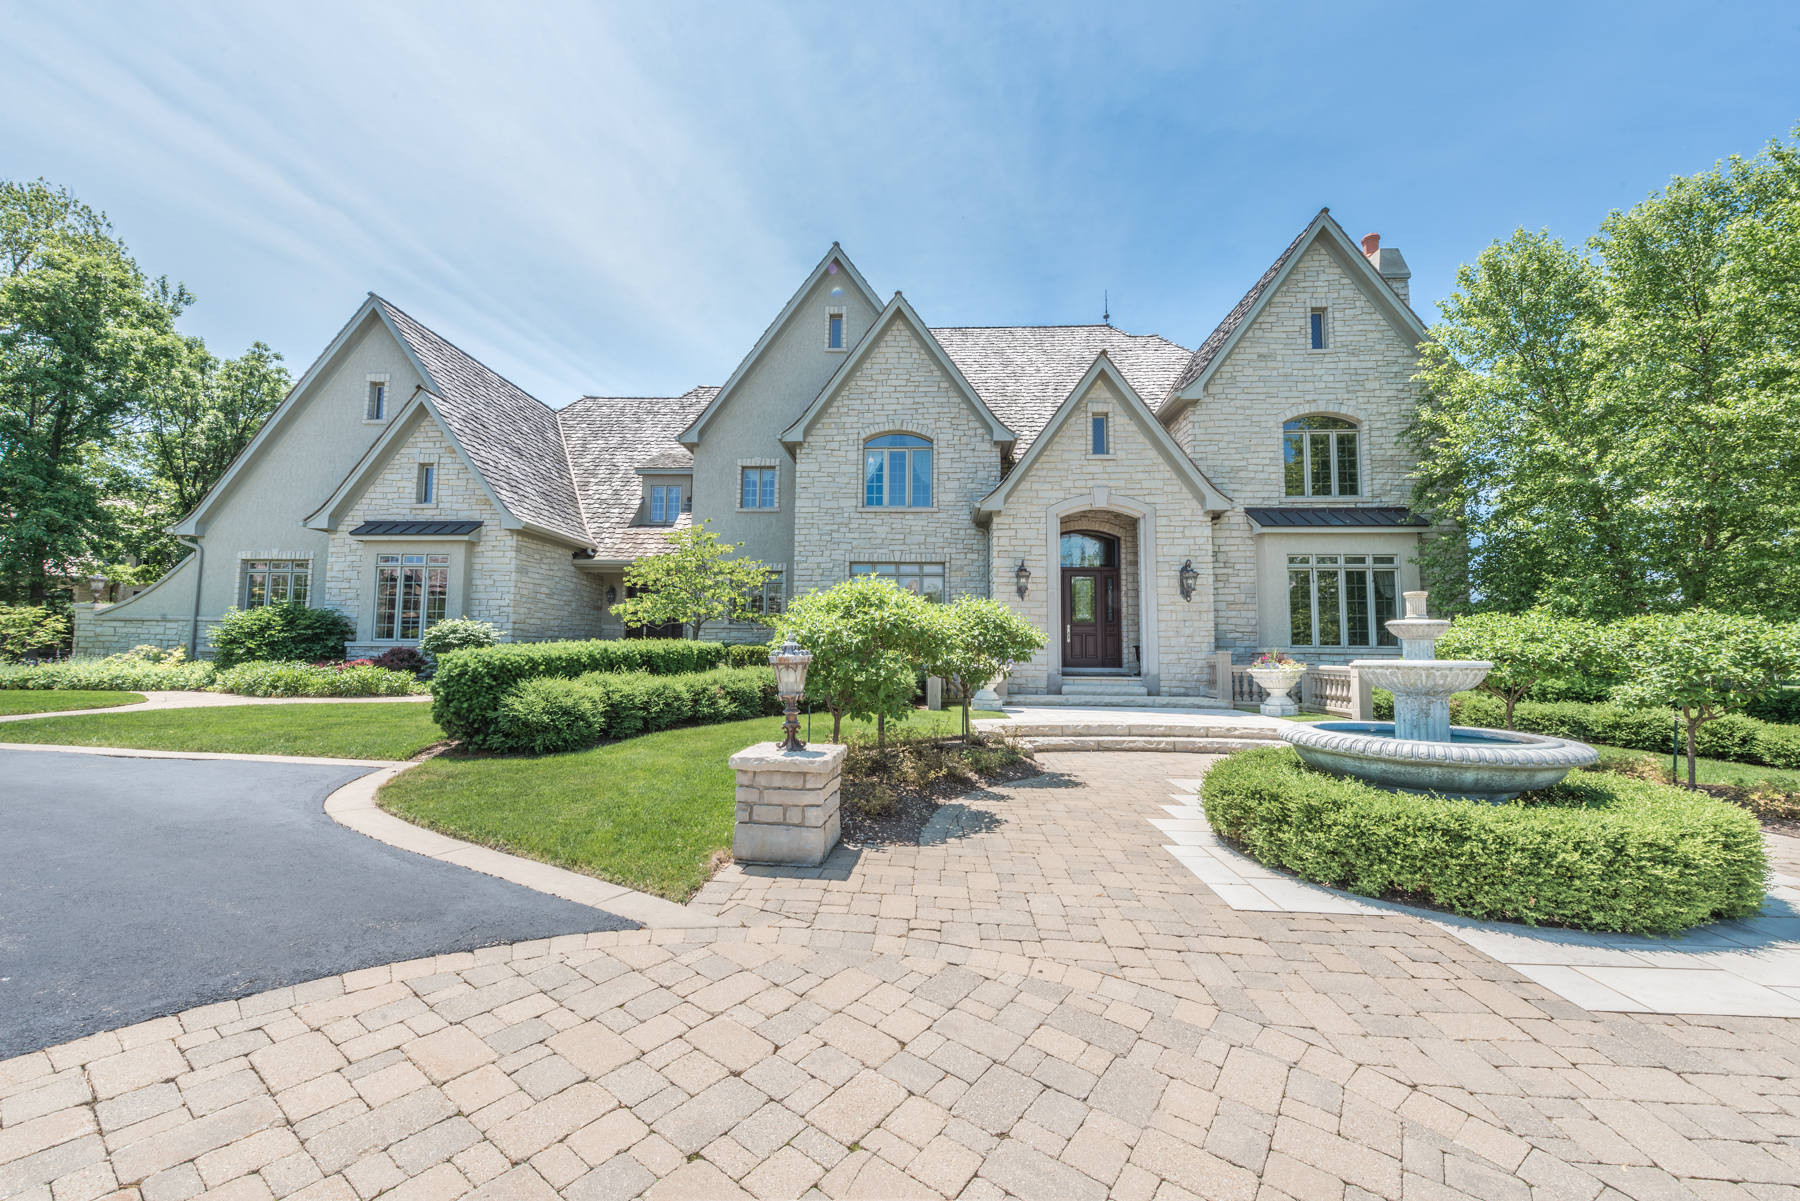 Villa per Vendita alle ore 7 Kensington Drive North Barrington, Illinois 60010 Stati Uniti